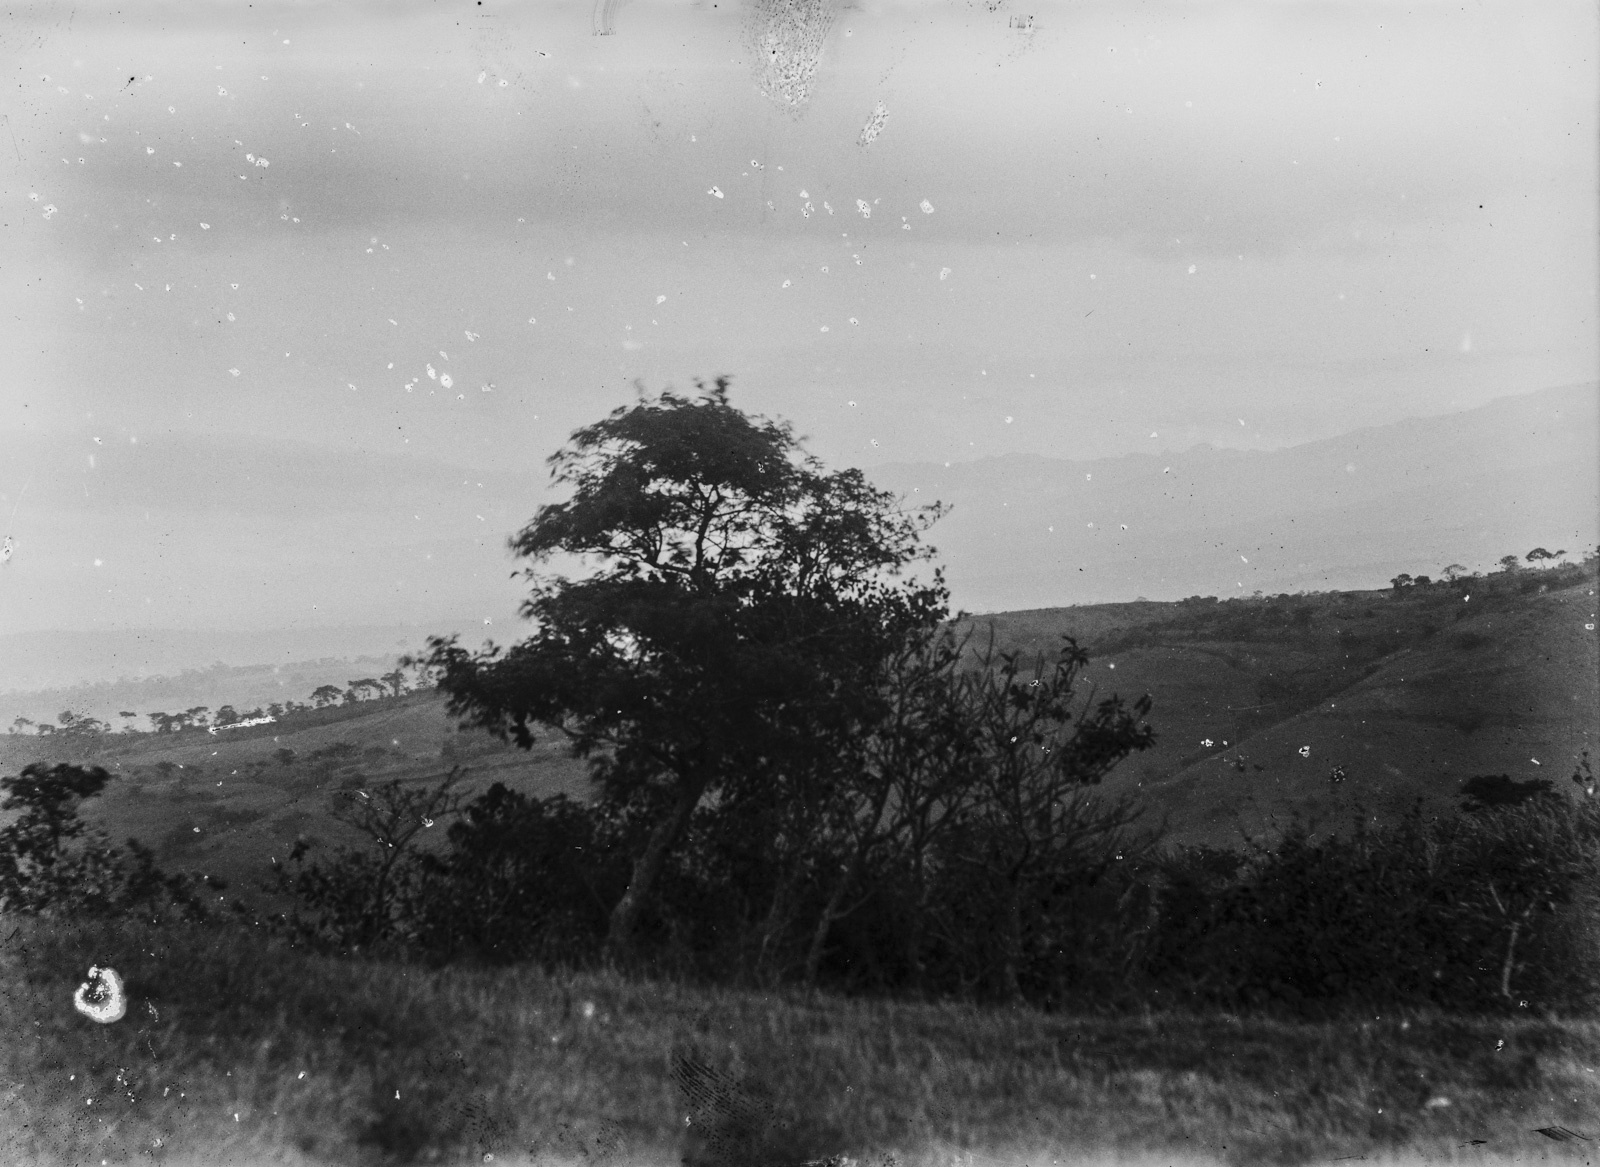 91.  Вид местности на высоте  1300 метров в районе Килиманджаро